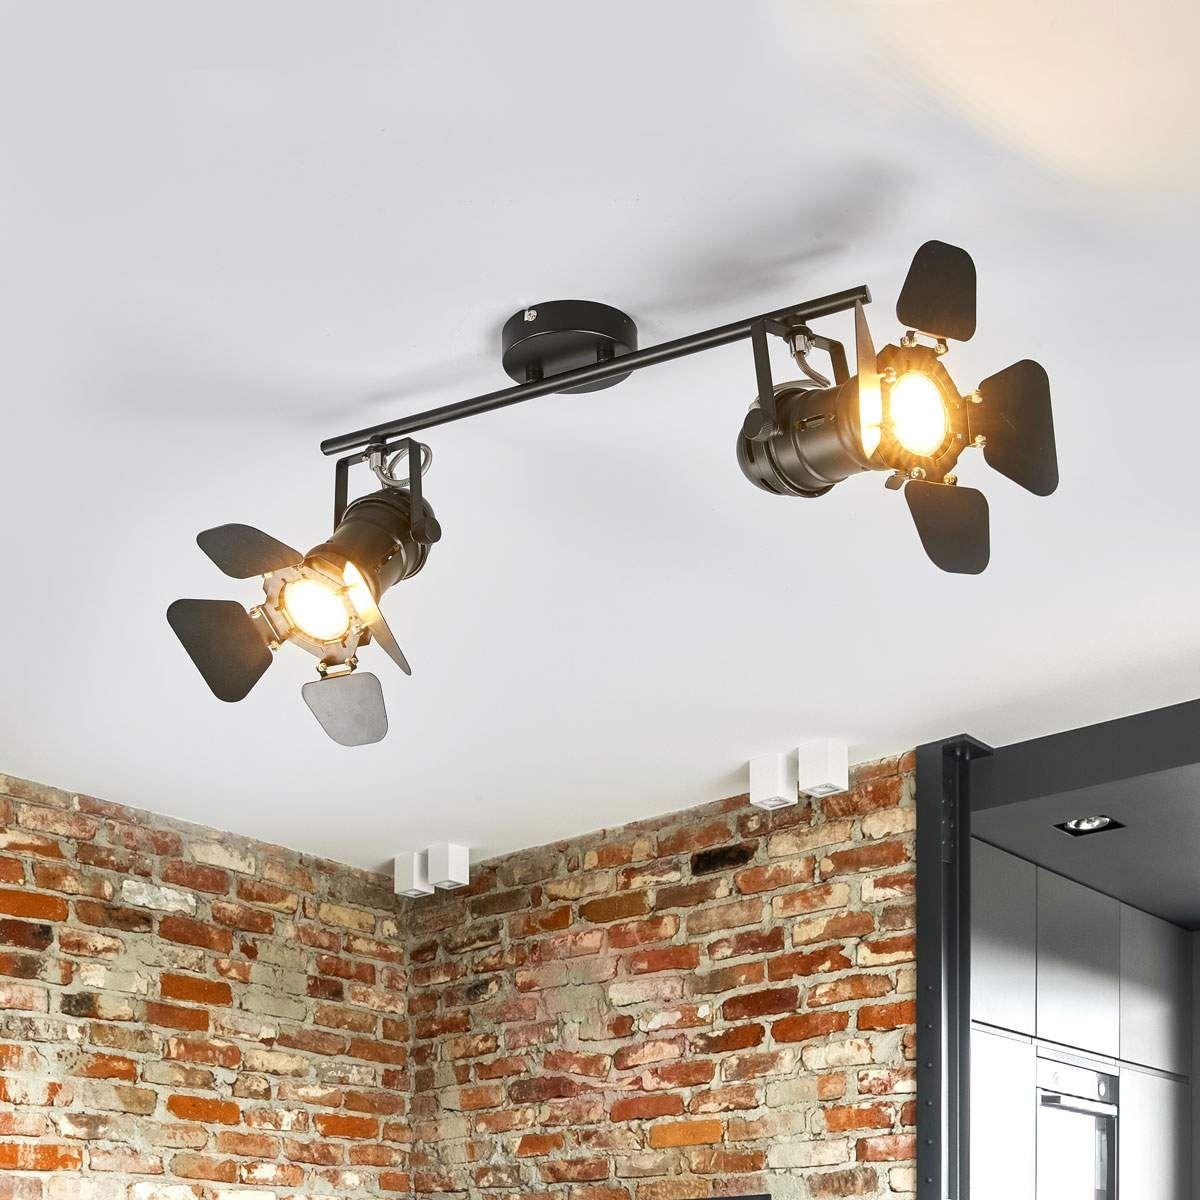 Lampy Wiszące Do Salonu Aranżacje Lampy Sufitowe Led Do